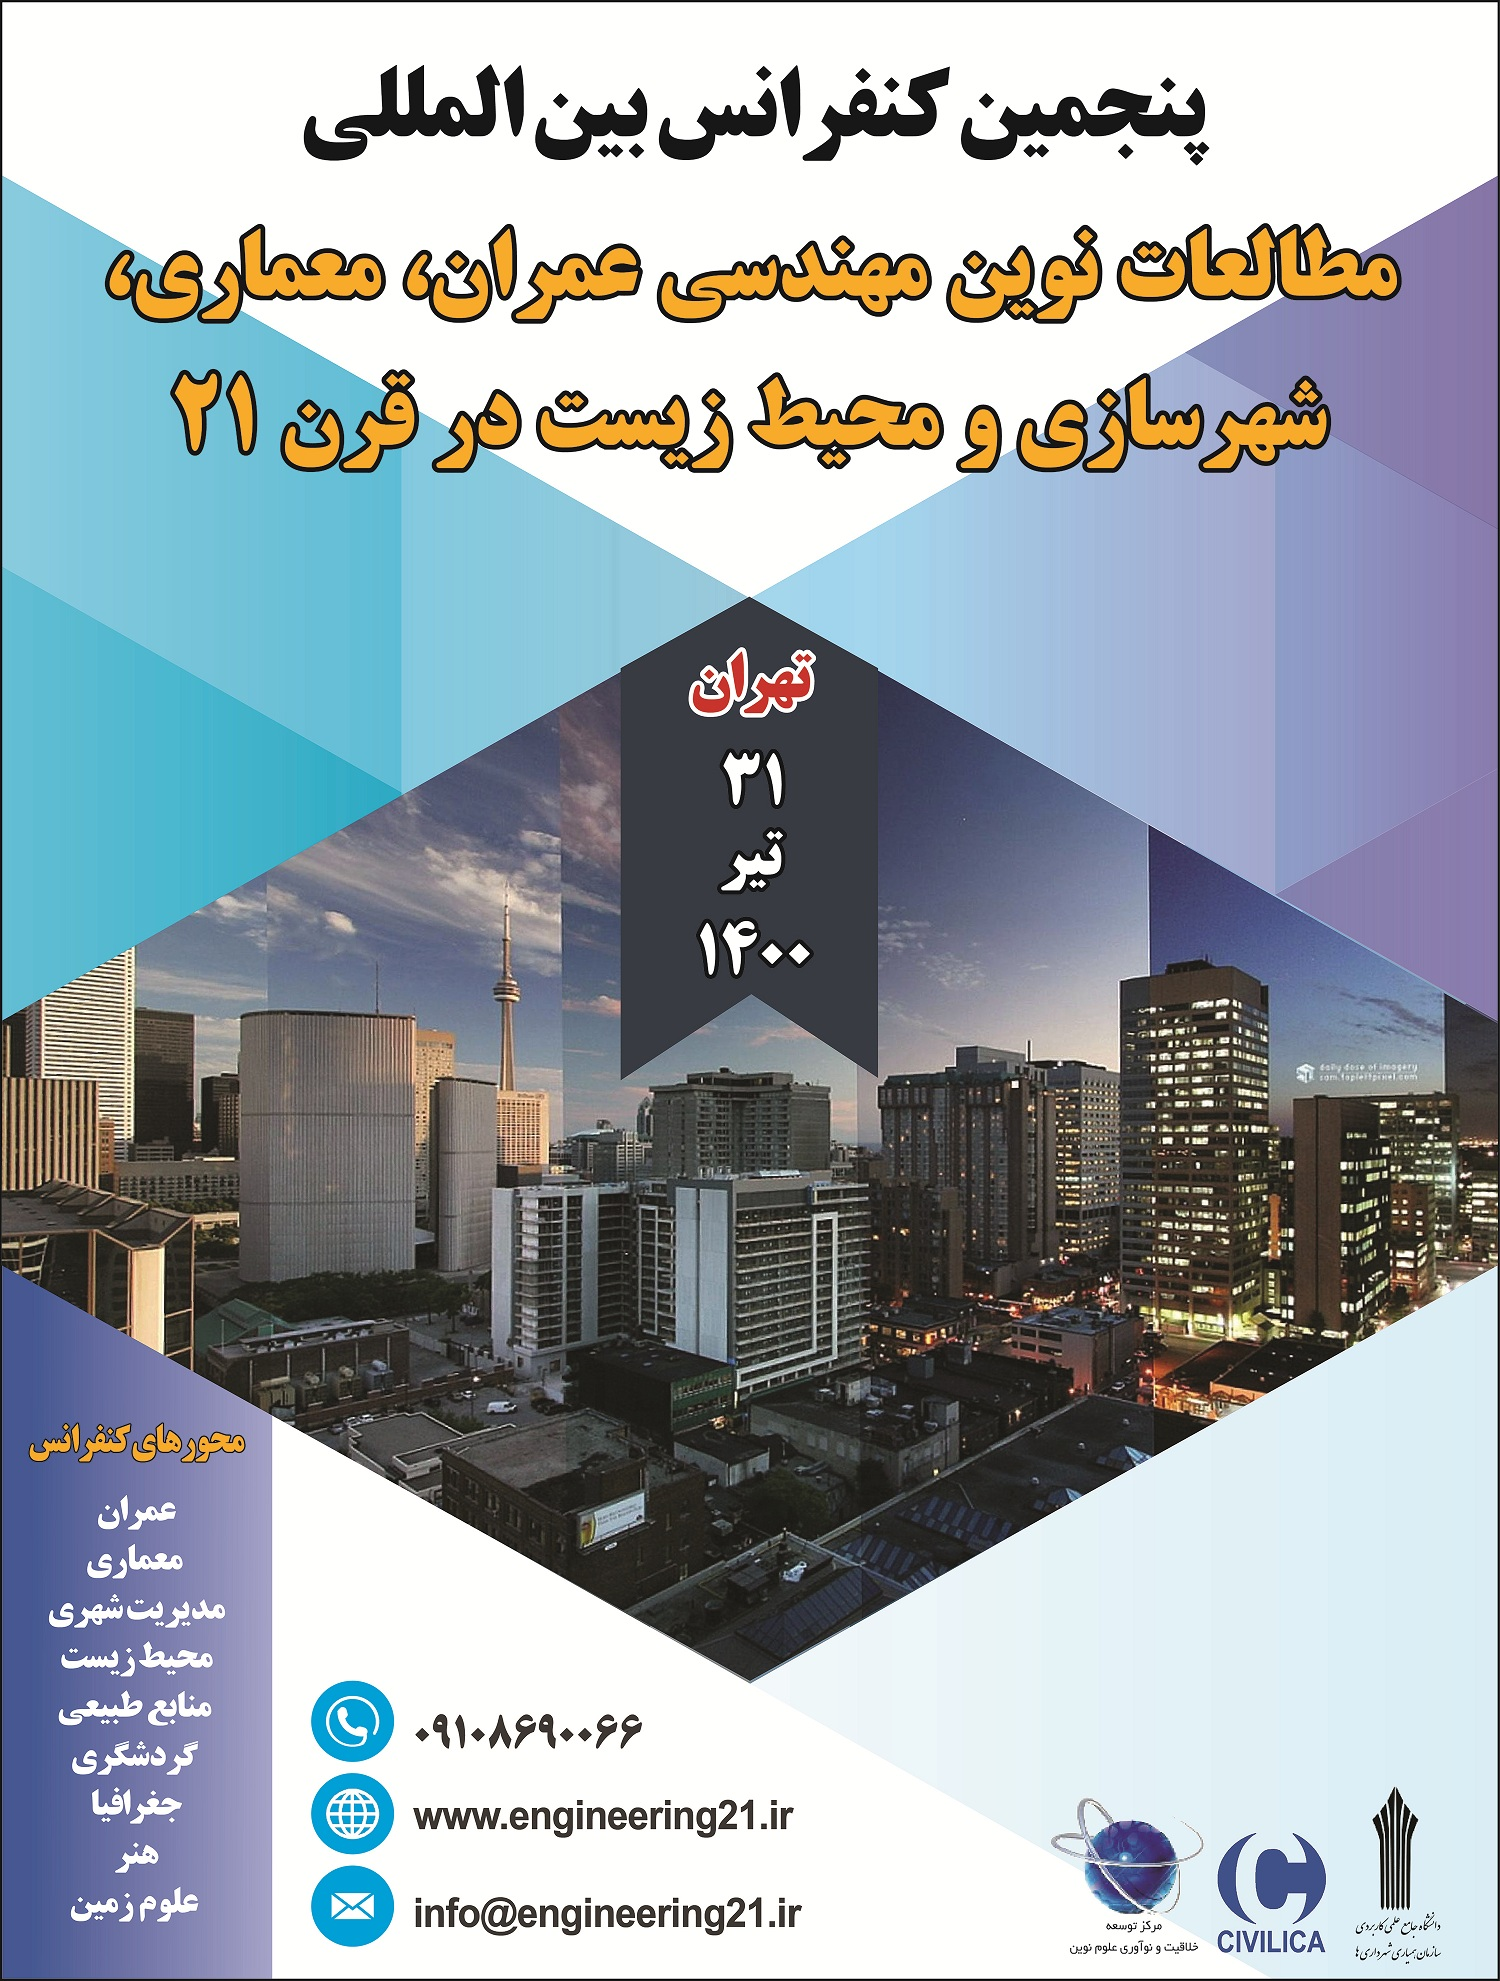 پنجمین کنفرانس بین المللی مطالعات نوین مهندسی عمران، معماری، شهرسازی و محیط زیست در قرن ۲۱